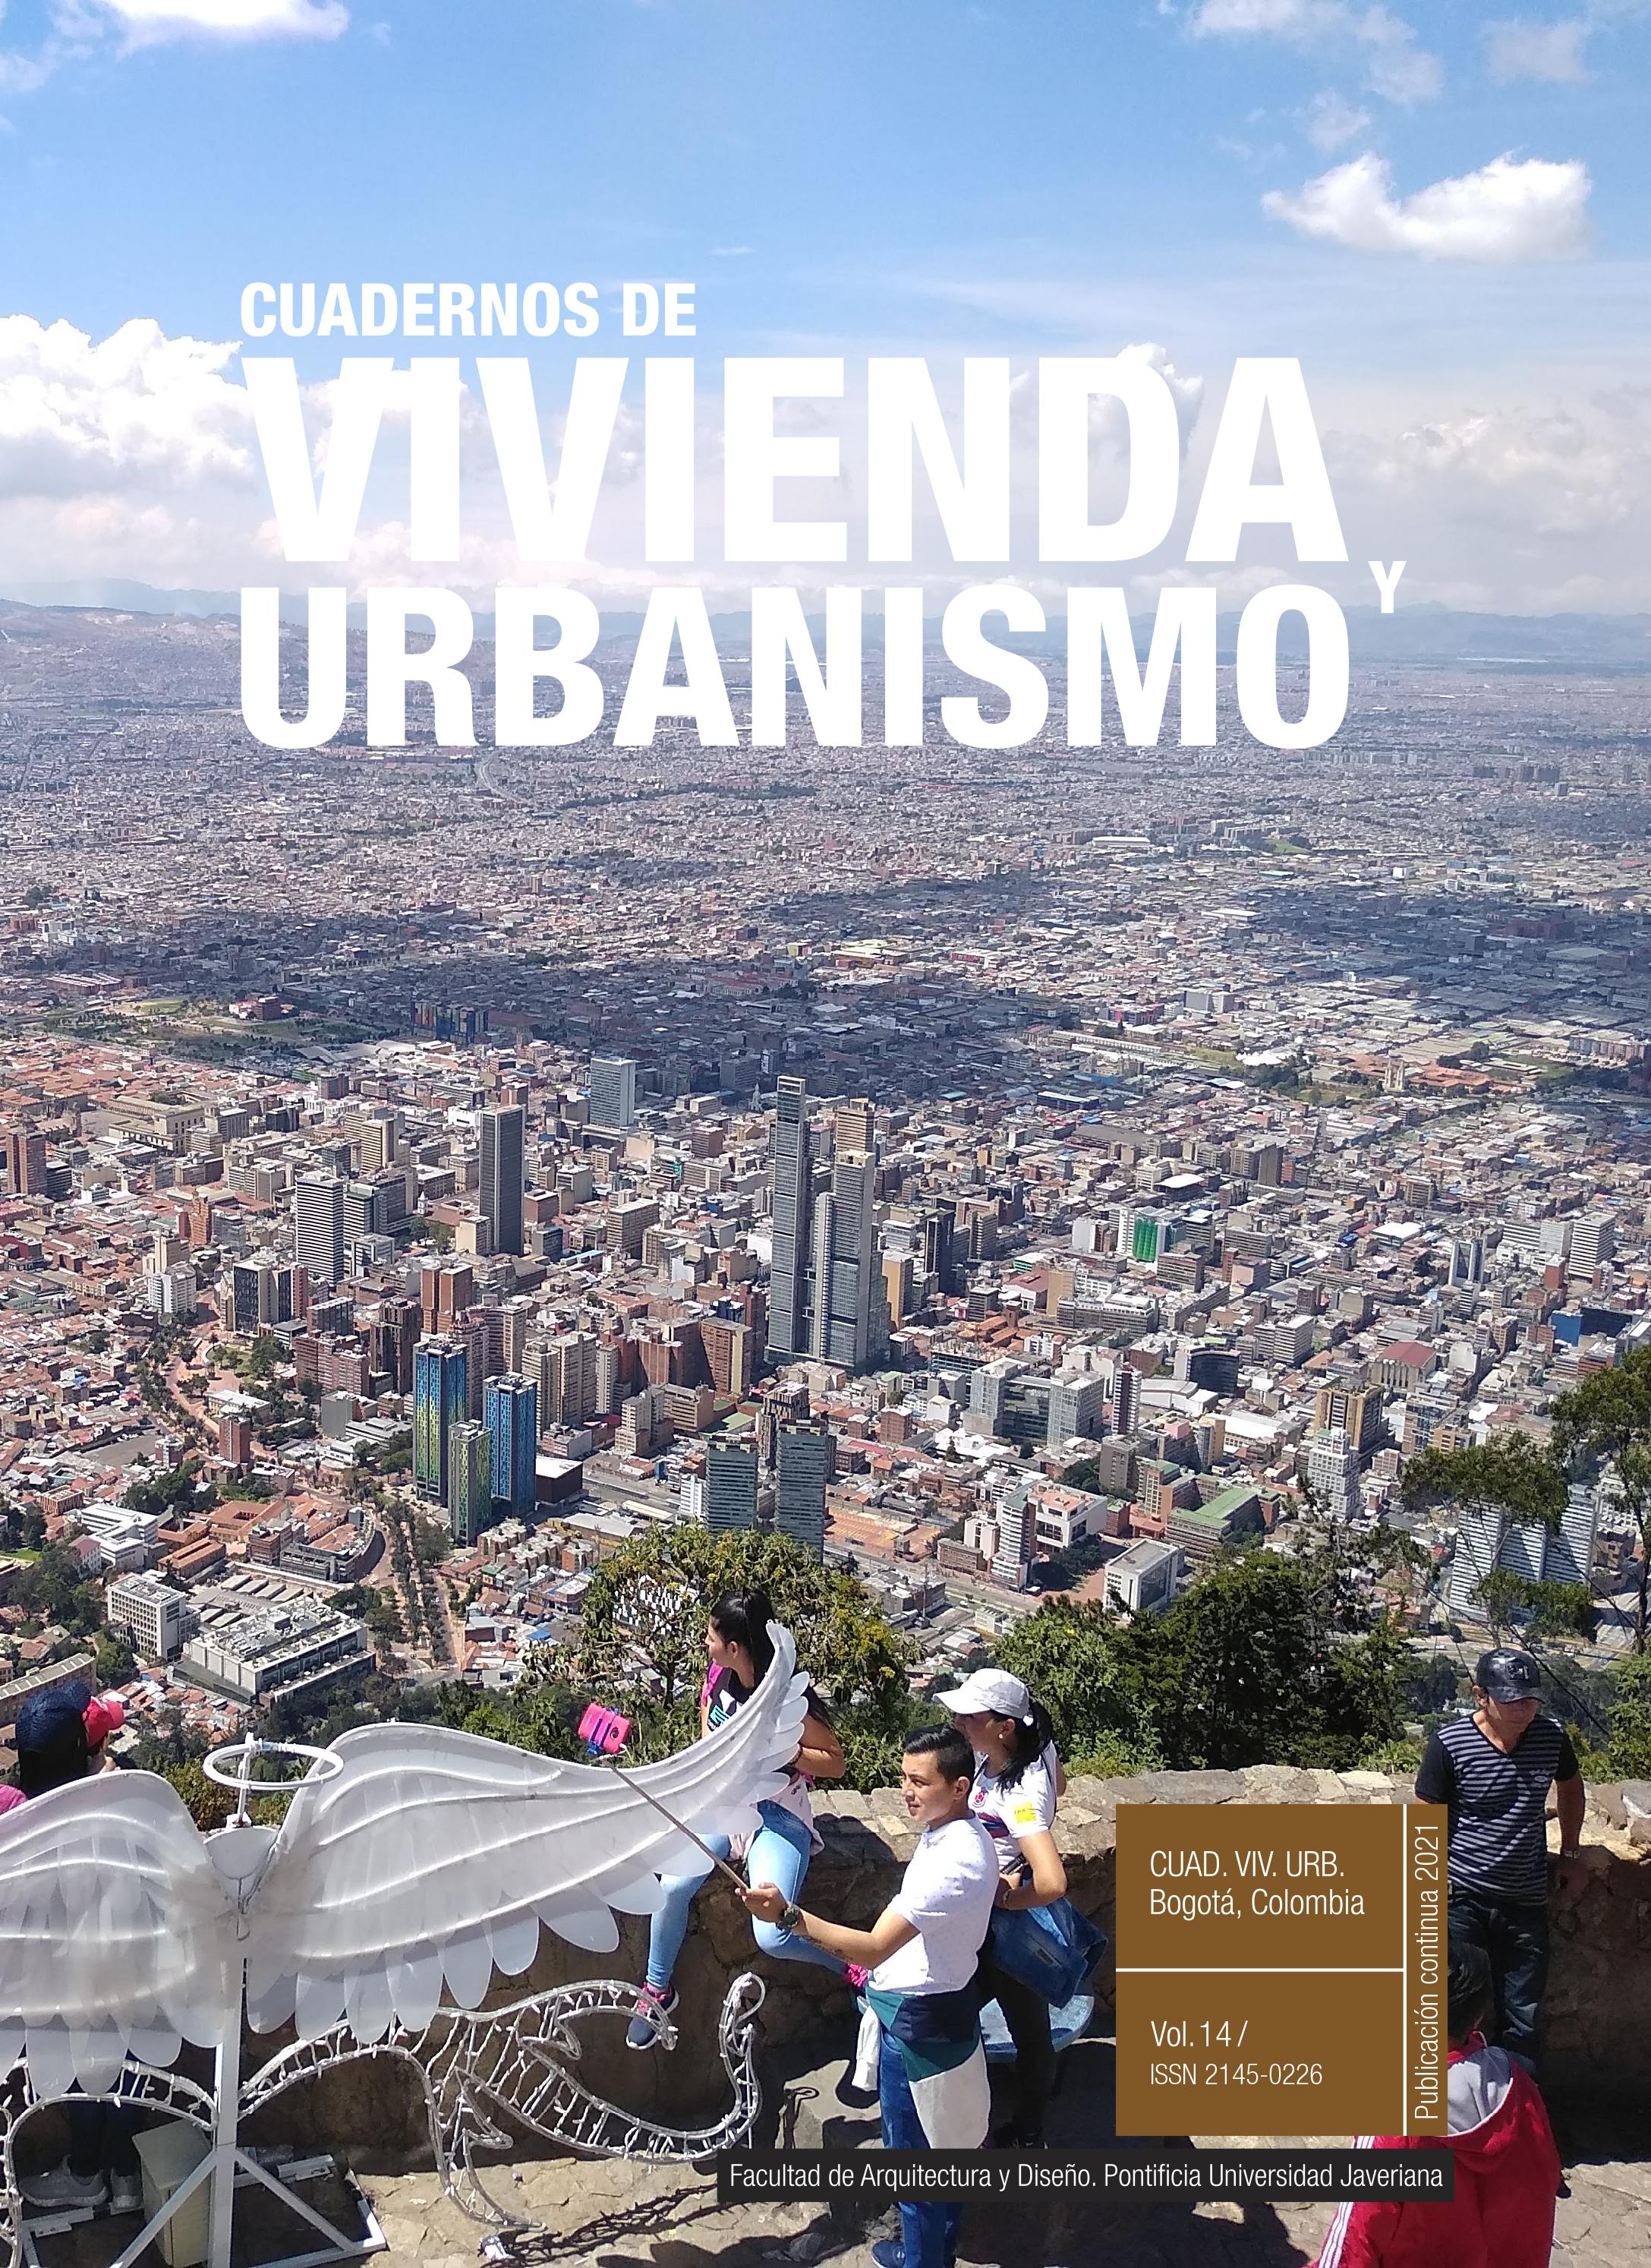 Cuadernos de Vivienda y Urbanismo